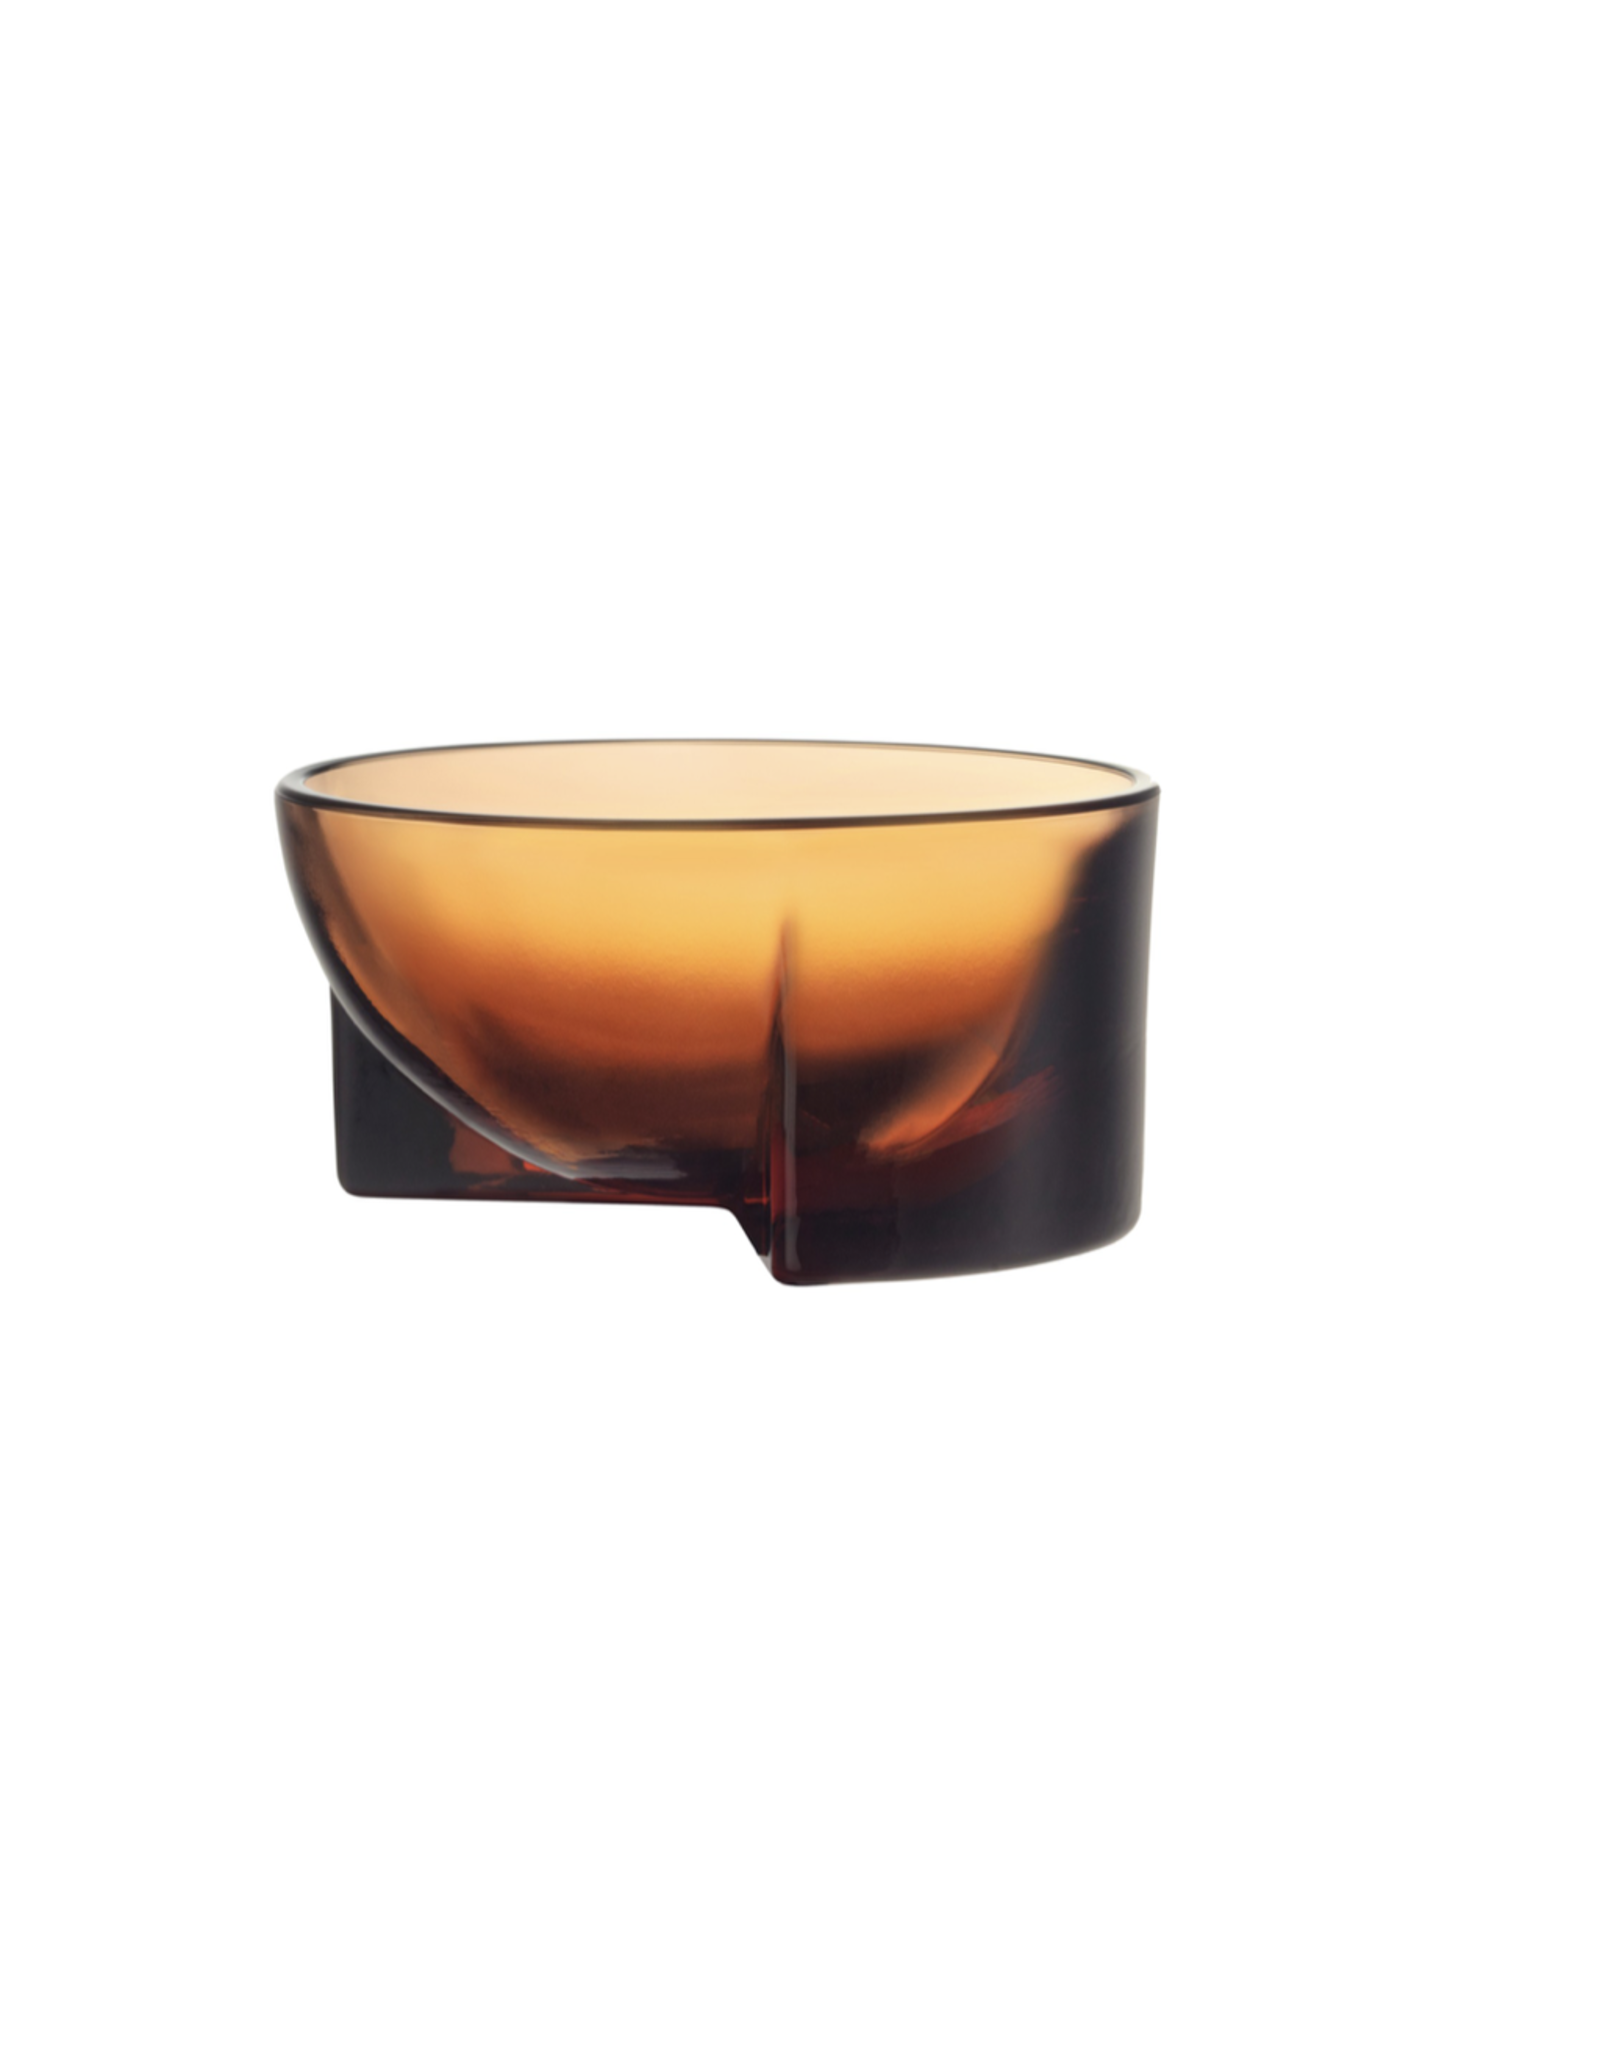 KURA 裝飾碗, 酸橙色